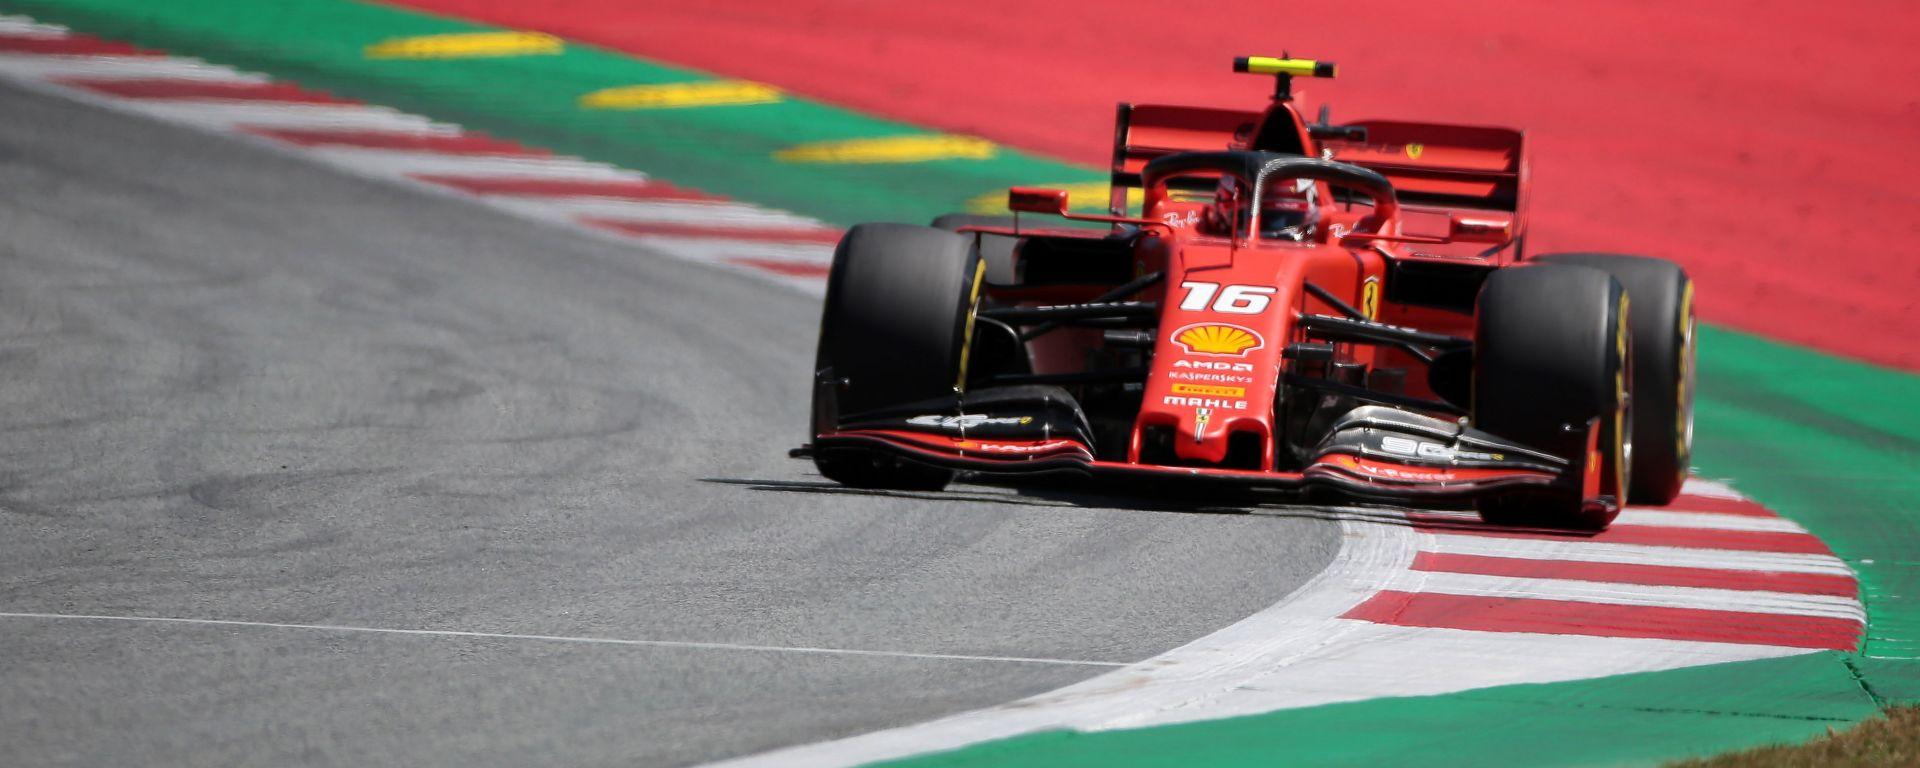 F1 GP Austria 2019 – PL2: Leclerc la spunta nel festival degli errori